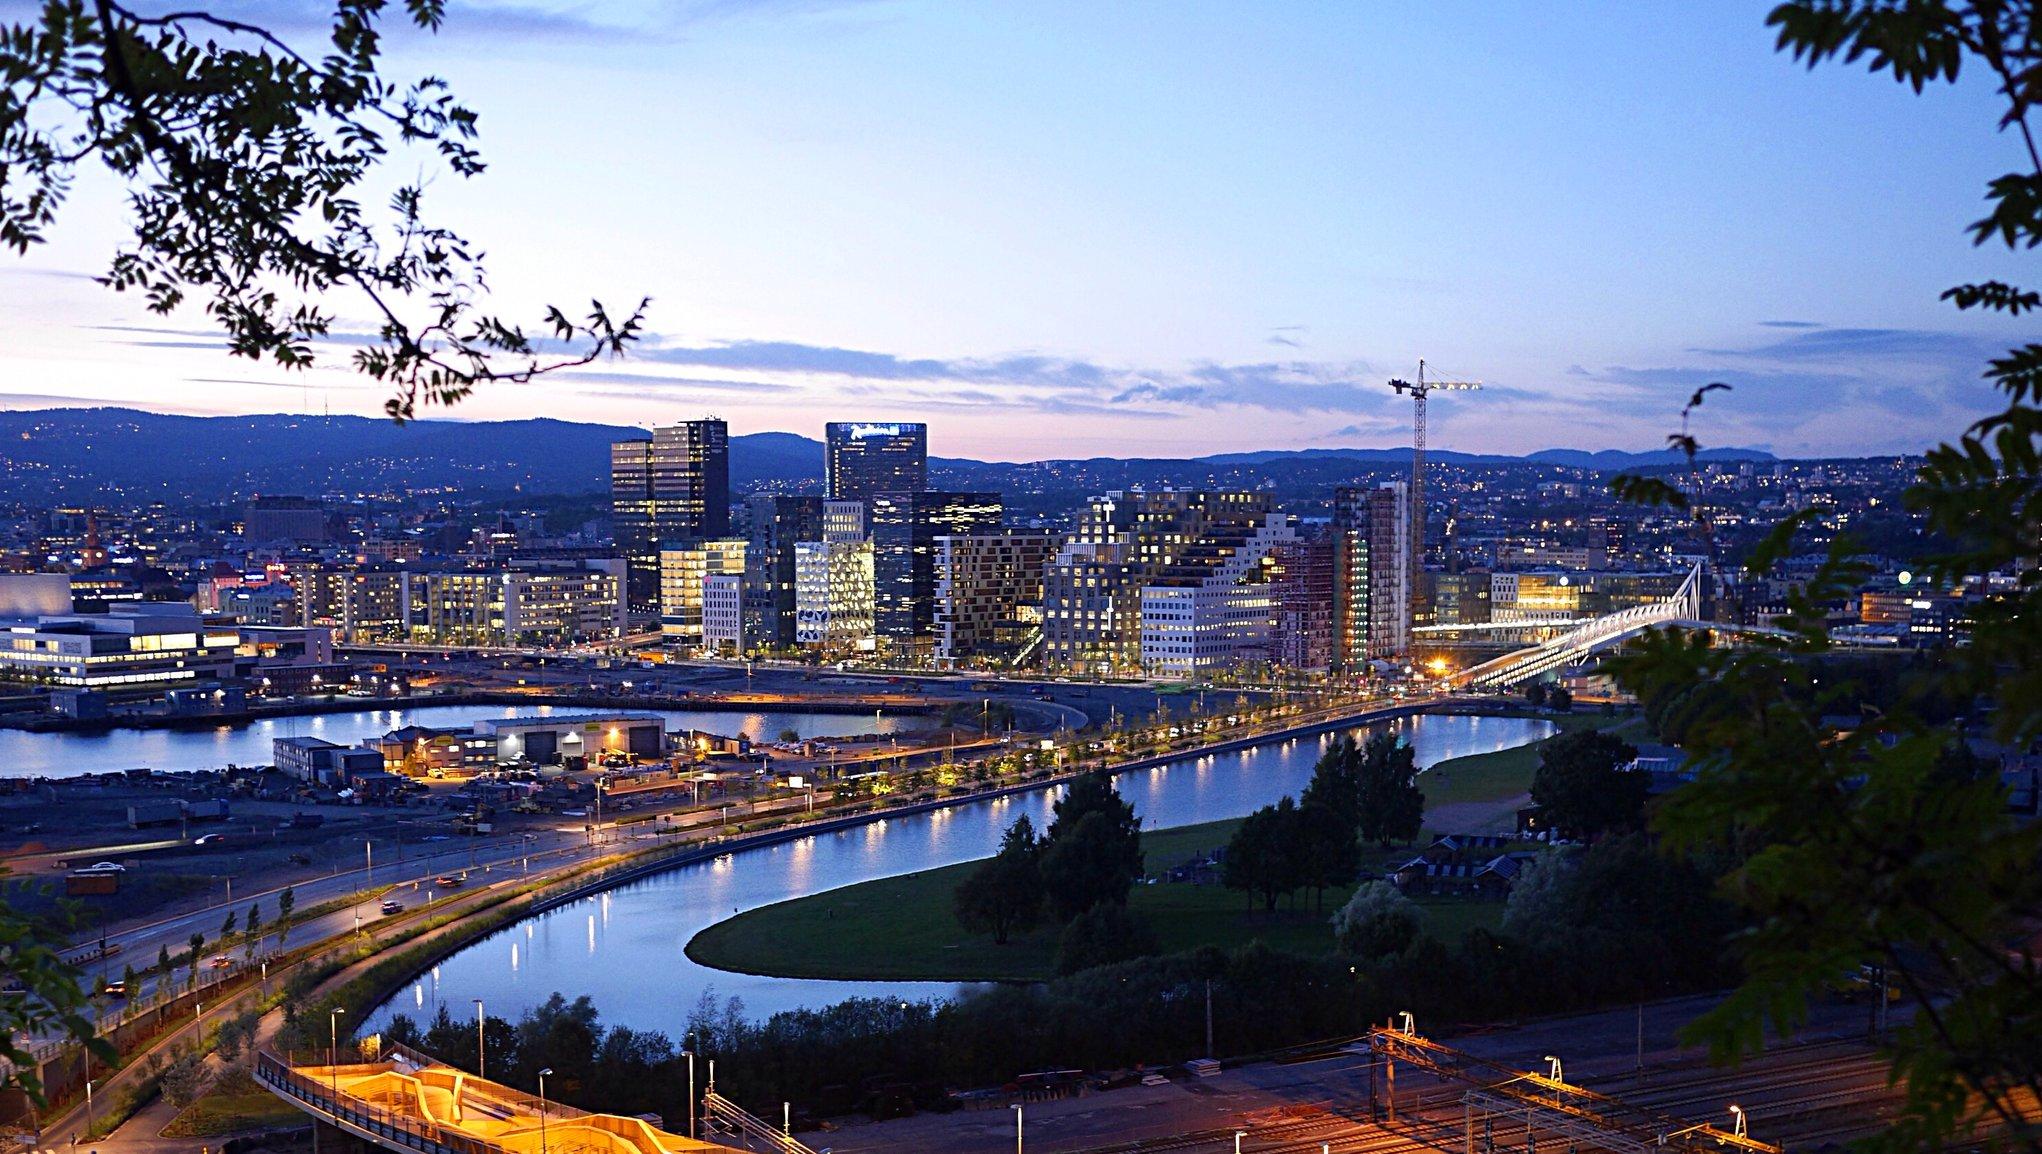 Avbruddsforsikring Utsikt utover Oslo på natten